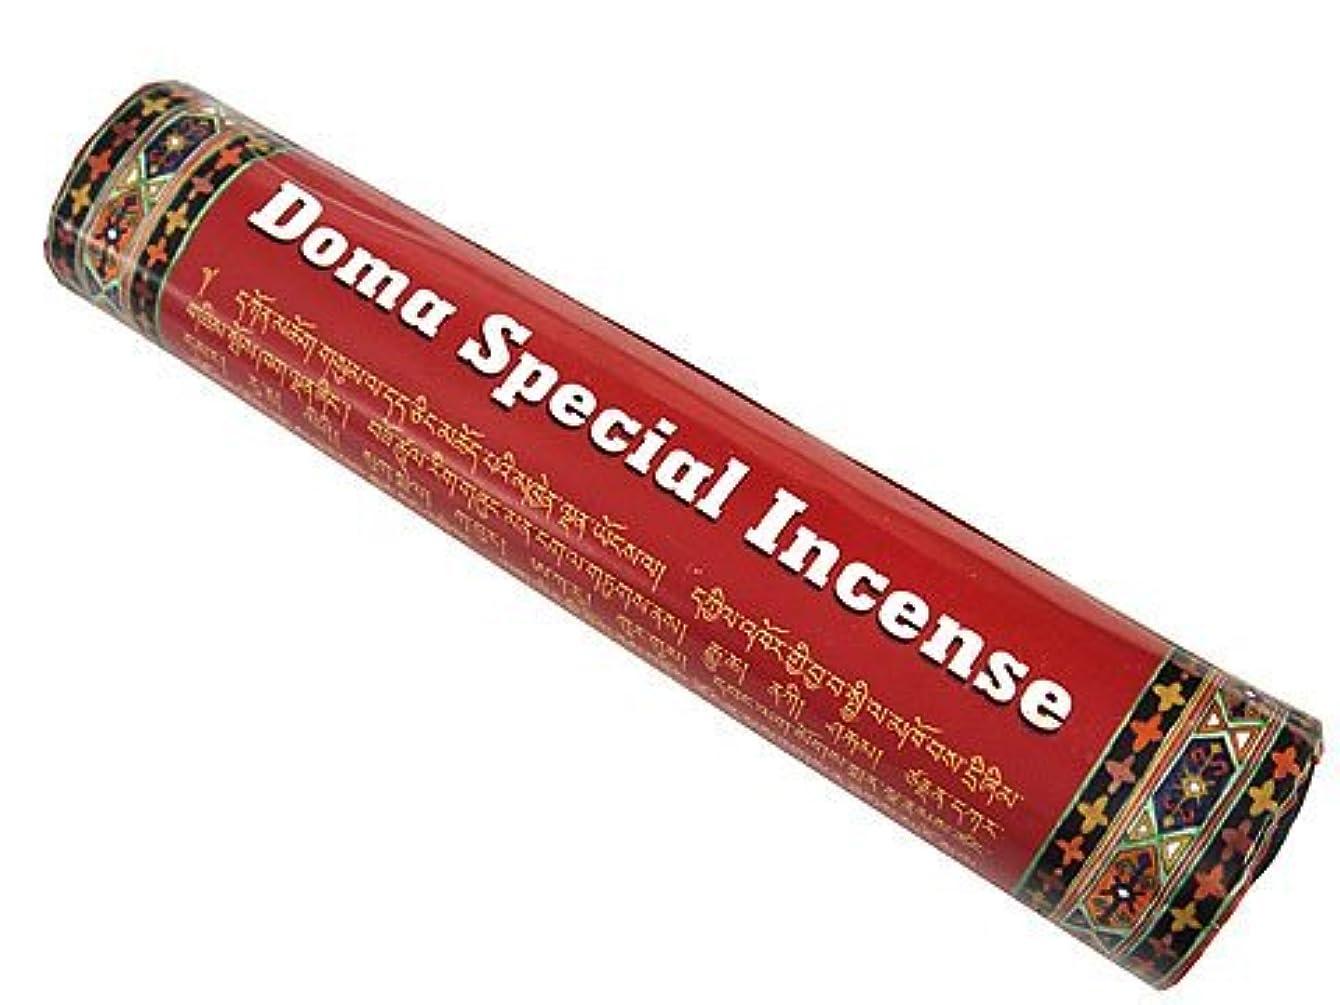 満足できる減らす継続中ドマハーバルインセンス Doma Herbal Incense【DomaSpecialIncense ドマスペシャル】